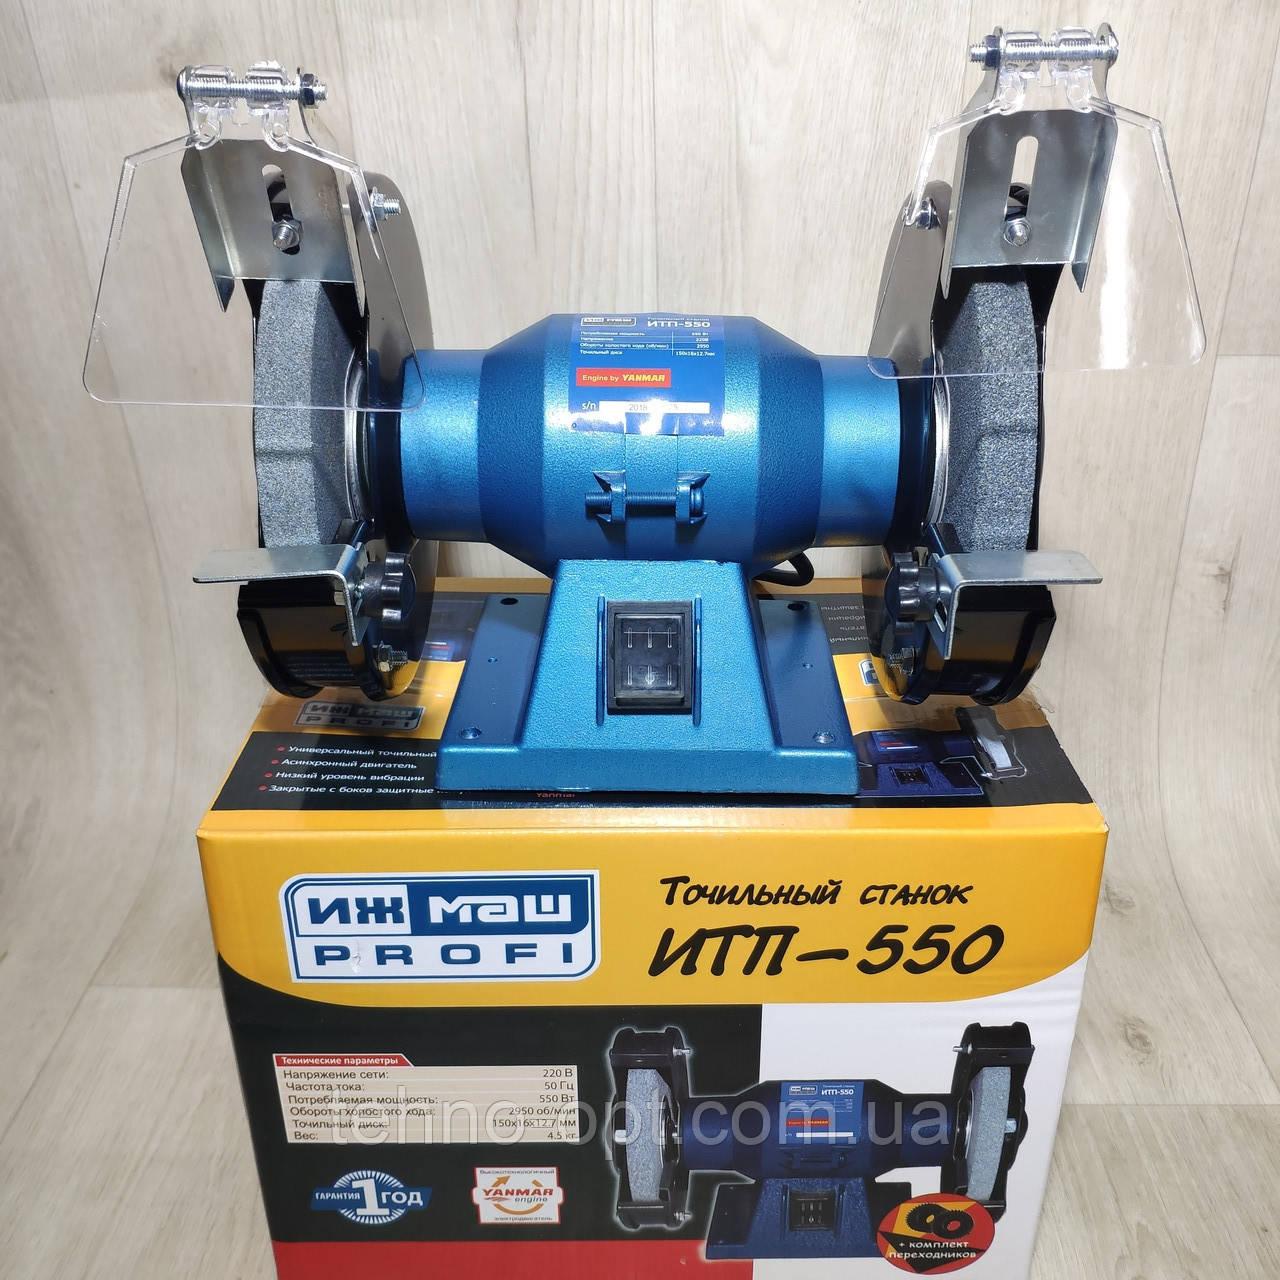 Точило электрическое ИжМаш Профи ИТП-550